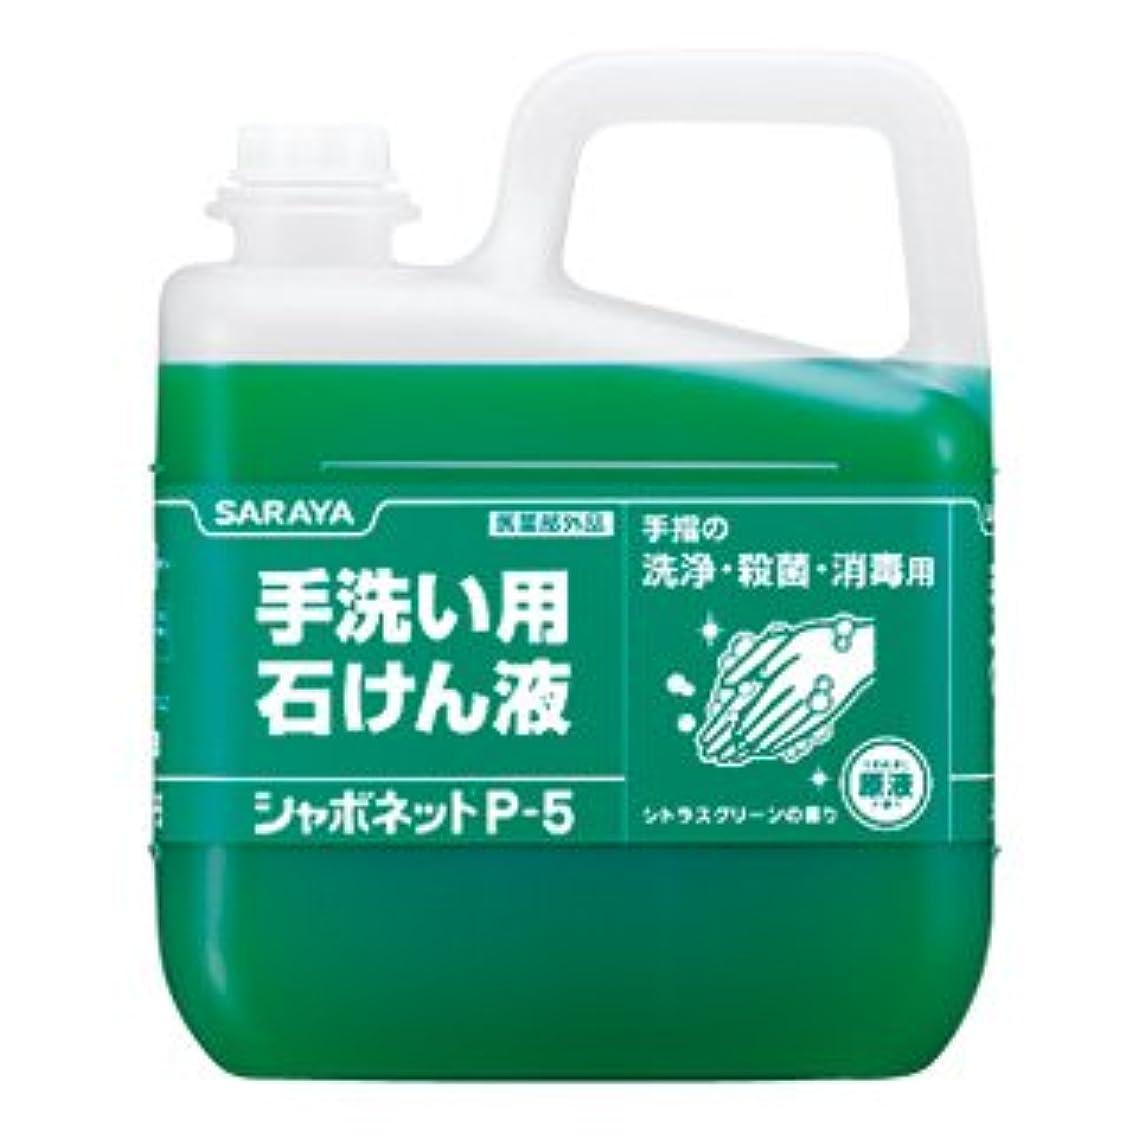 みすぼらしい噂毎日サラヤ シャボネット P-5 5kg×3 シトラスグリーンの香り